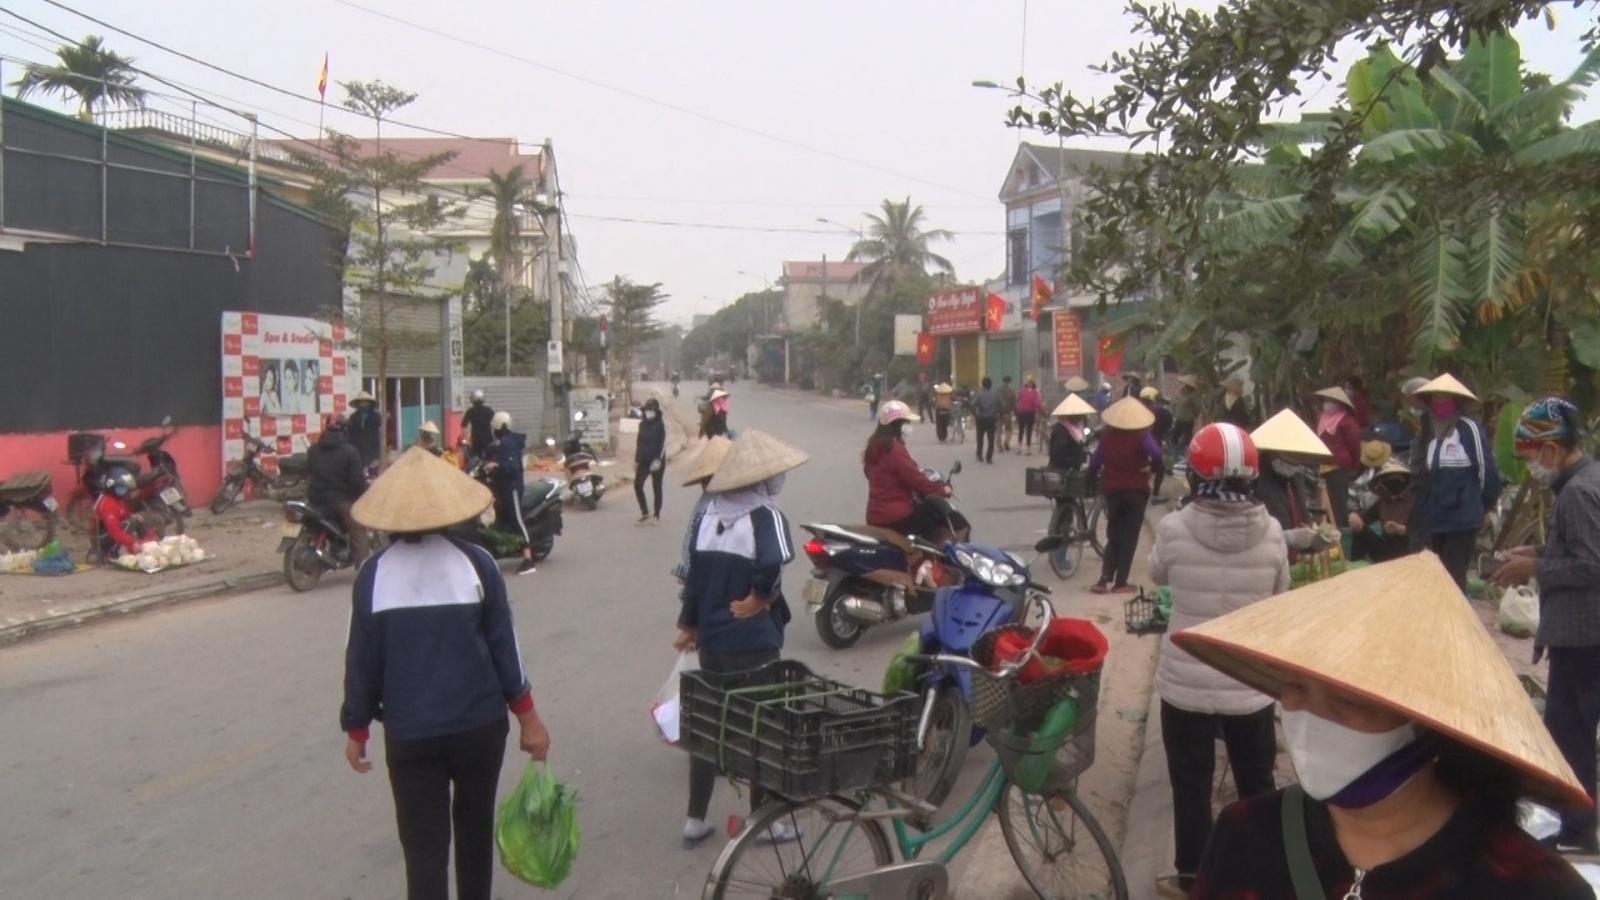 Hải Dương: Vẫn còn tình trạng tập trung đông người tại TP. Chí Linh